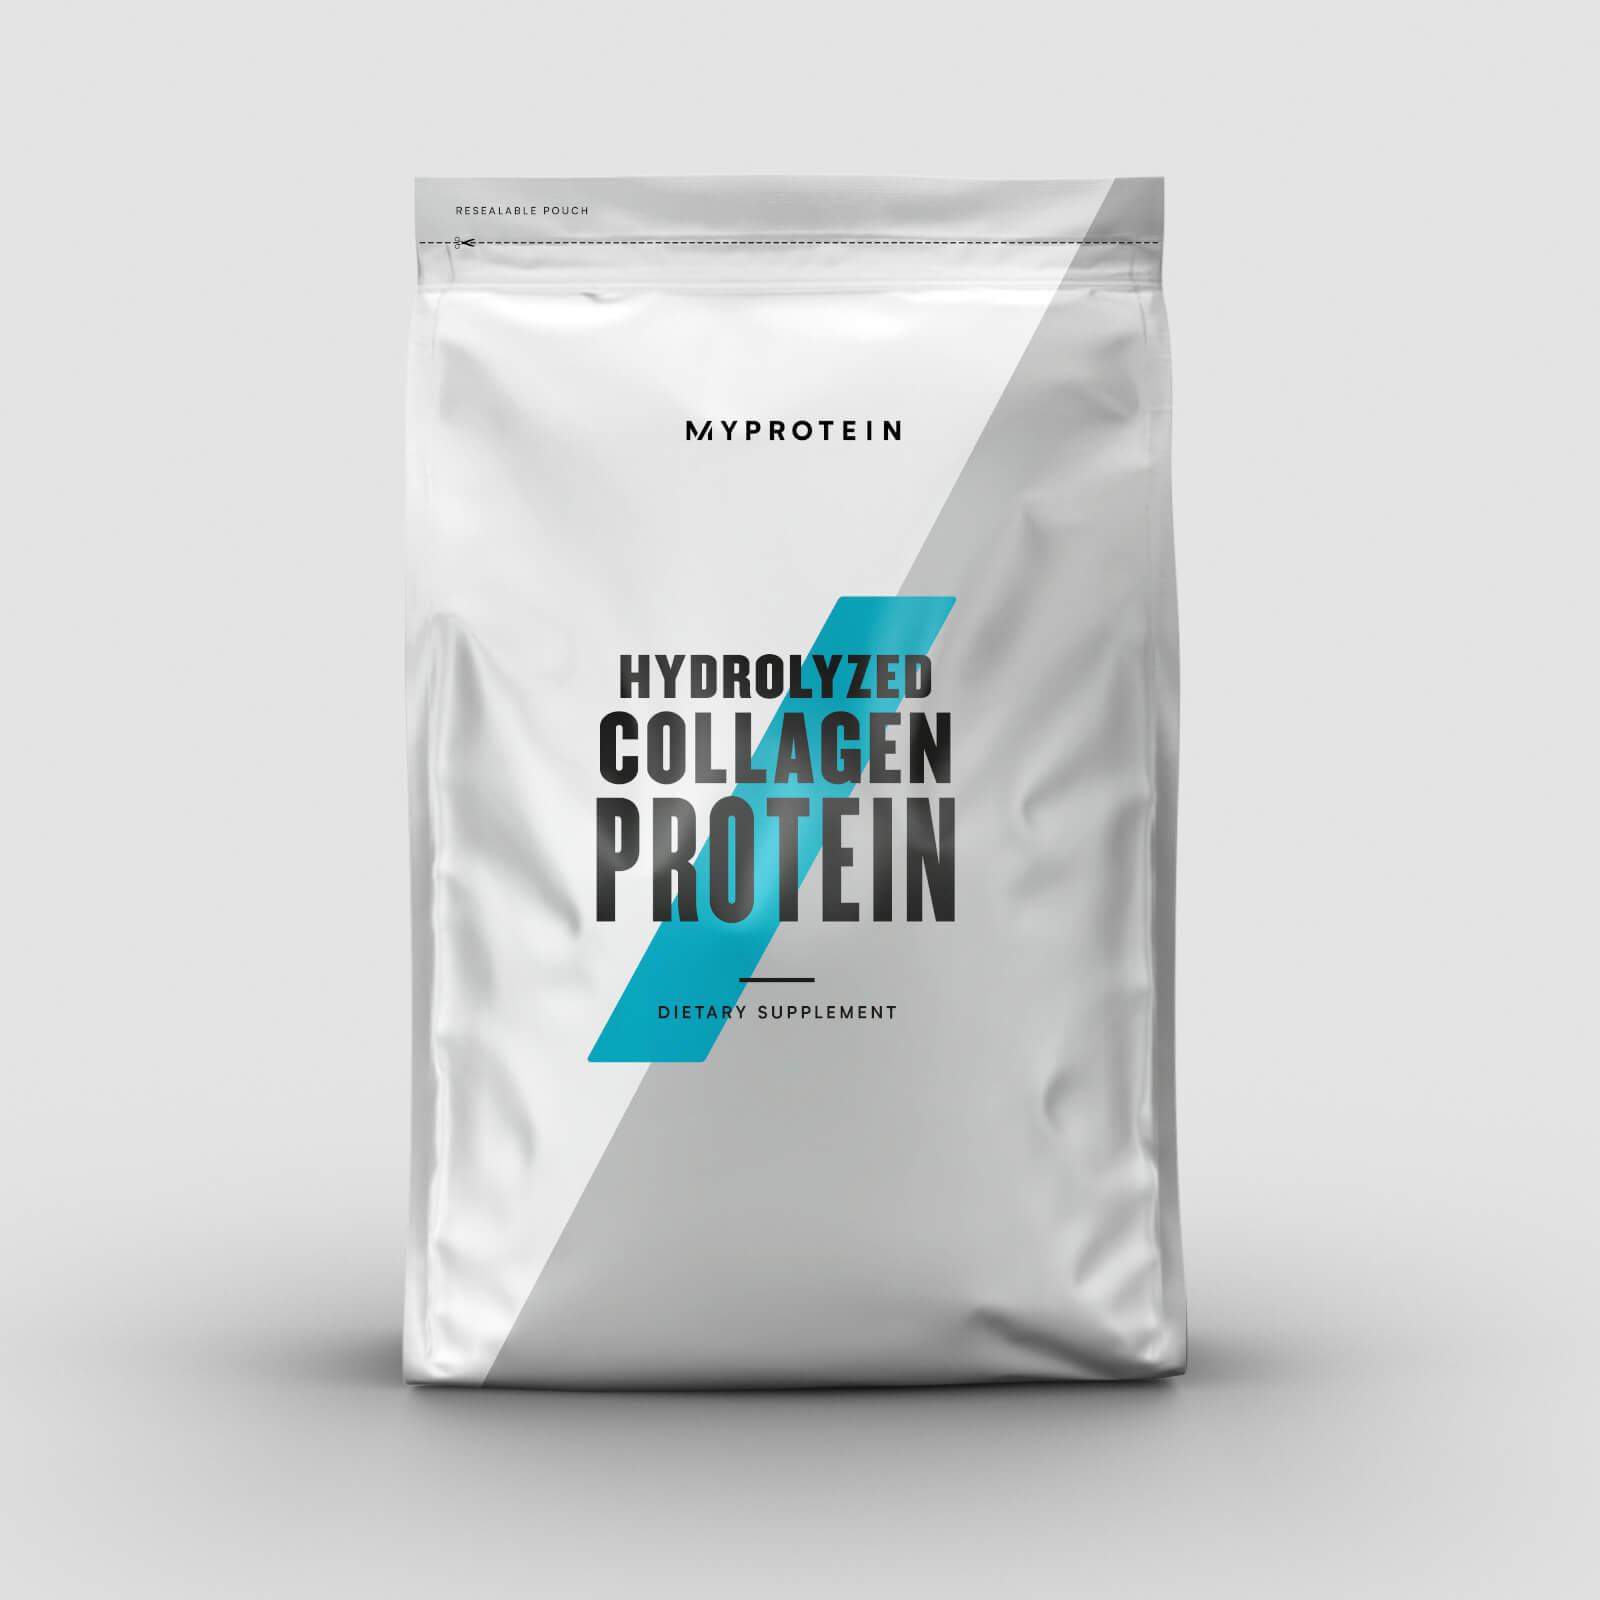 Myprotein Collagen Protein - 0.55lb - Chocolate